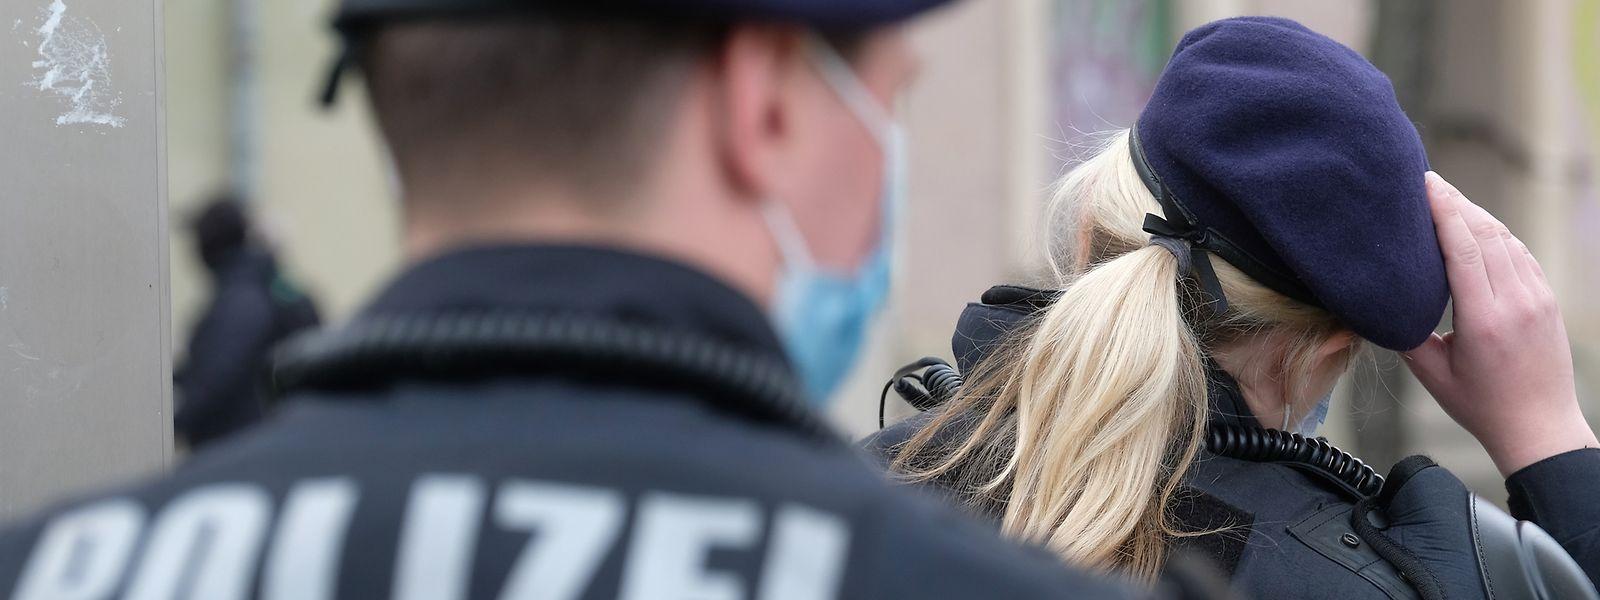 Die Polizei konnte als Tatverdächtigen einen 56-Jährigen aus einem Trierer Stadtteil identifizieren.